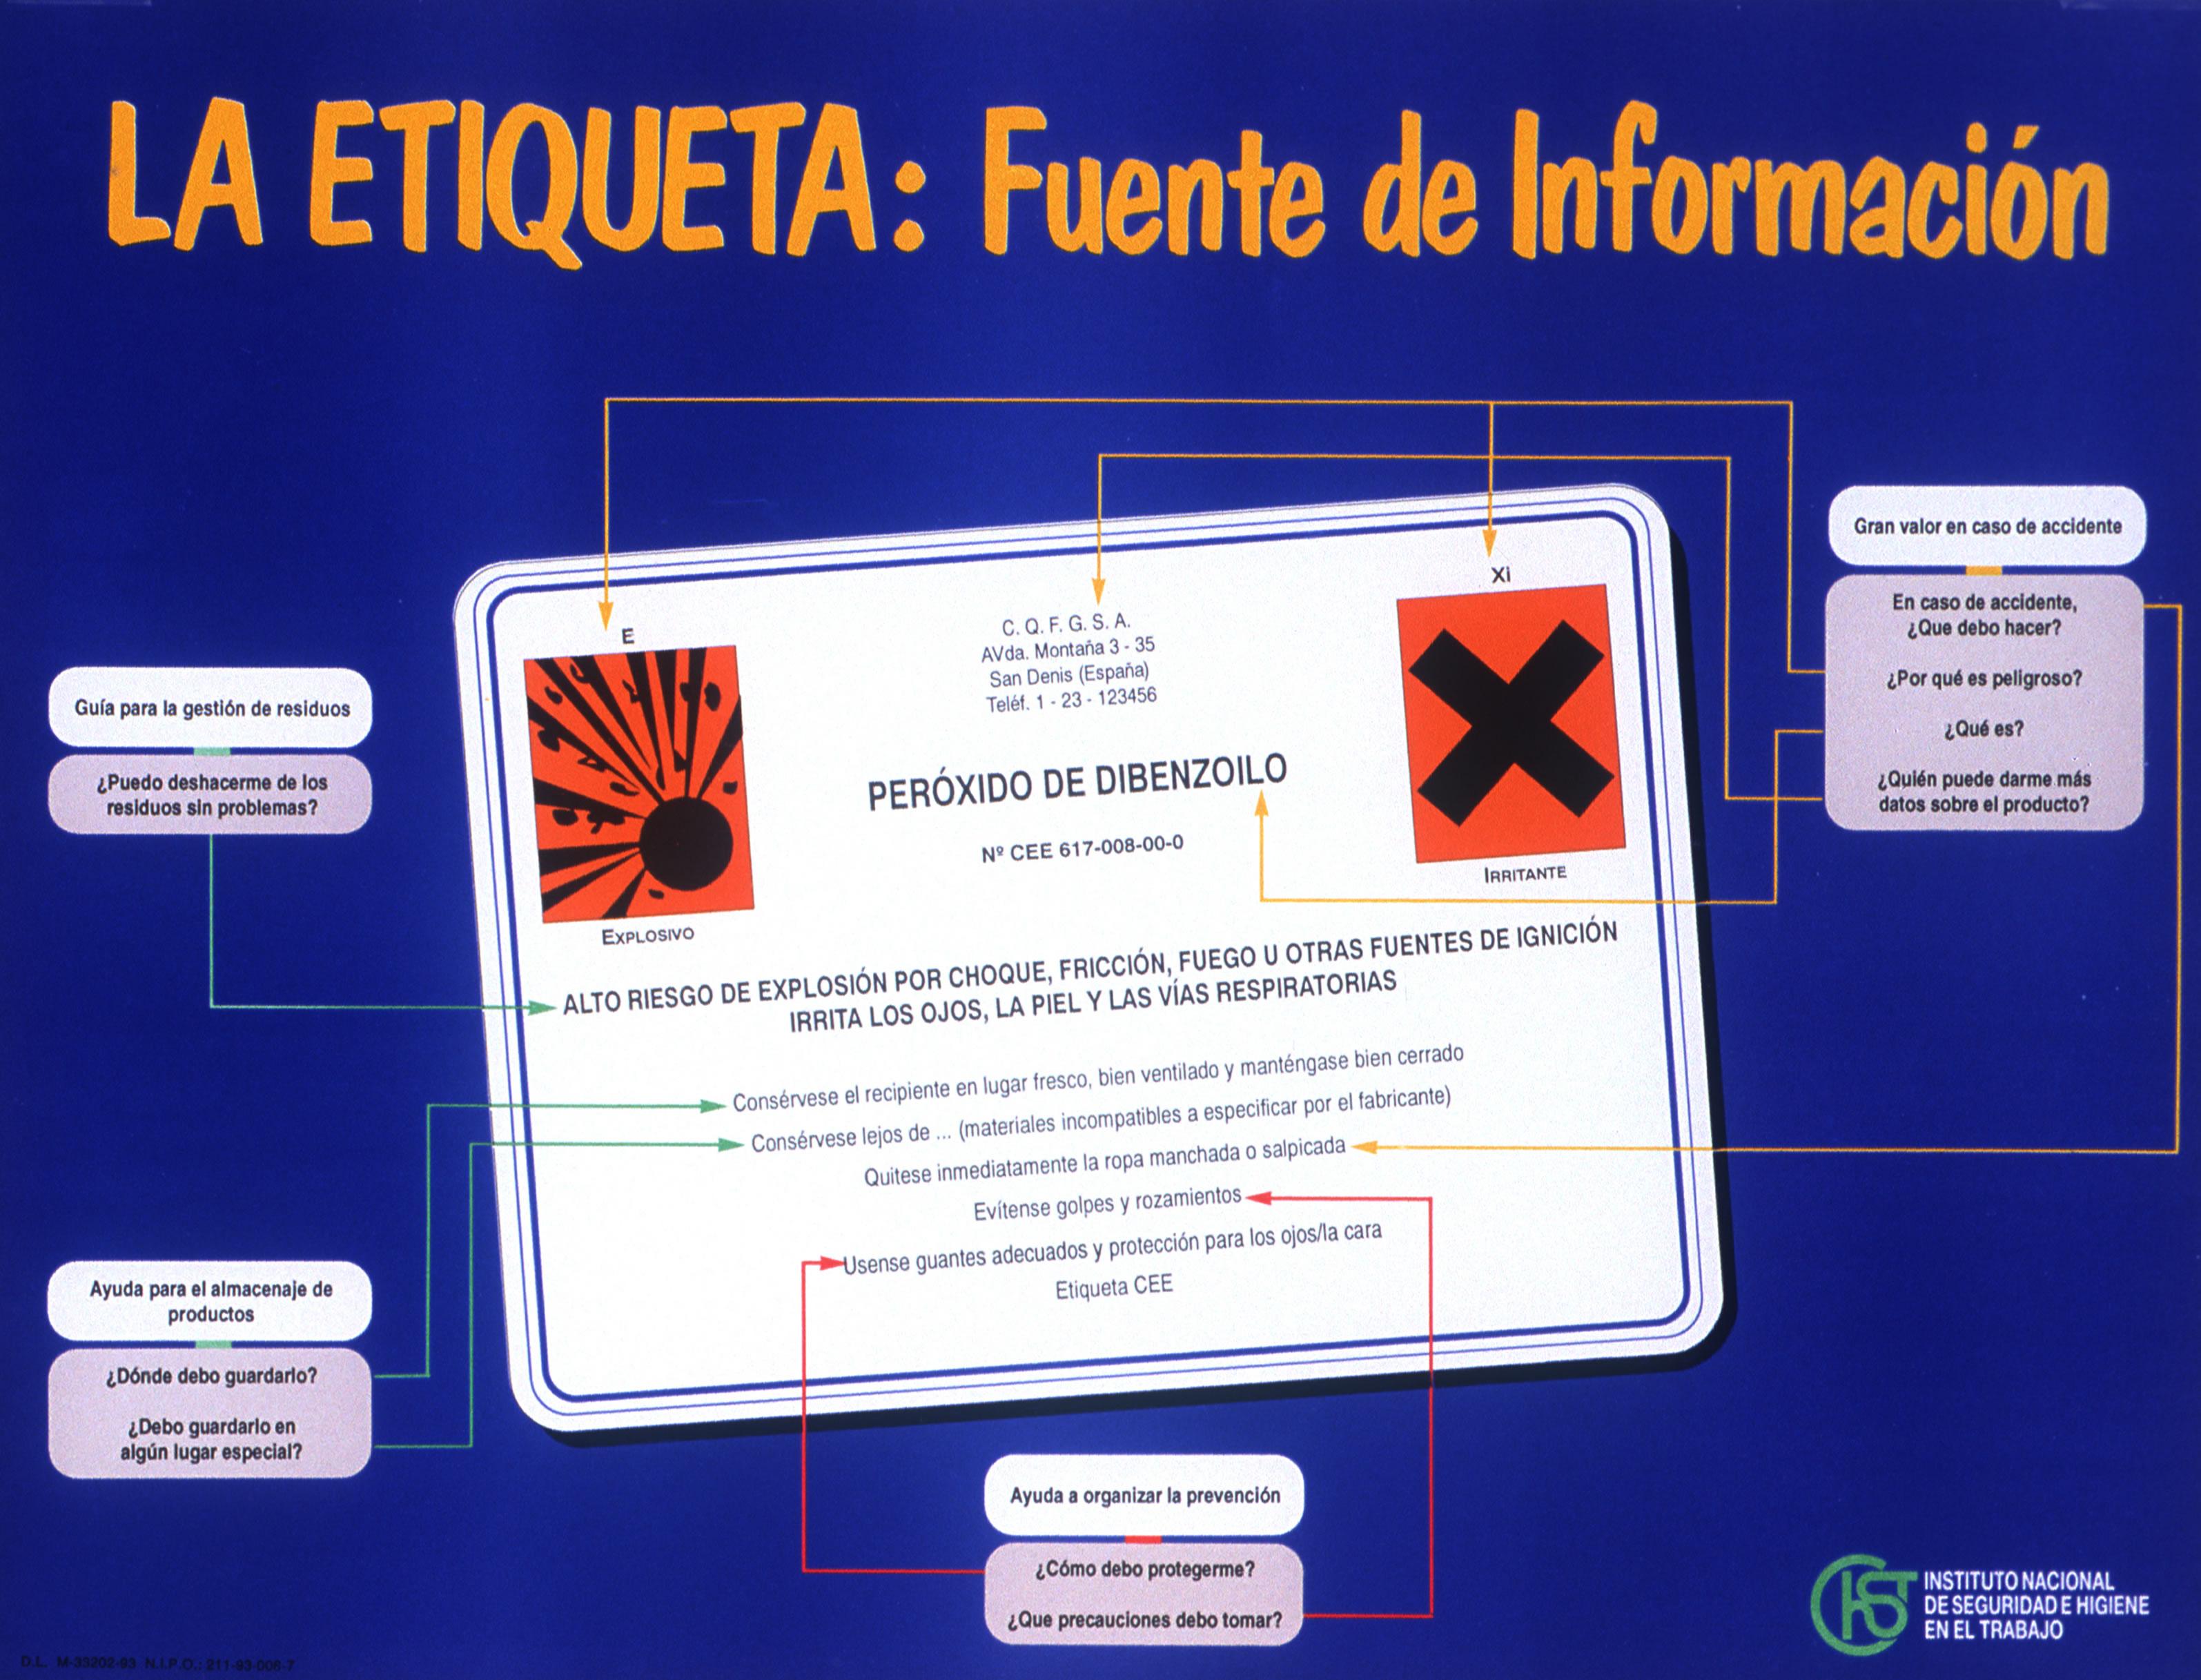 La etiqueta: fuente de información. Cartel - Año 2000